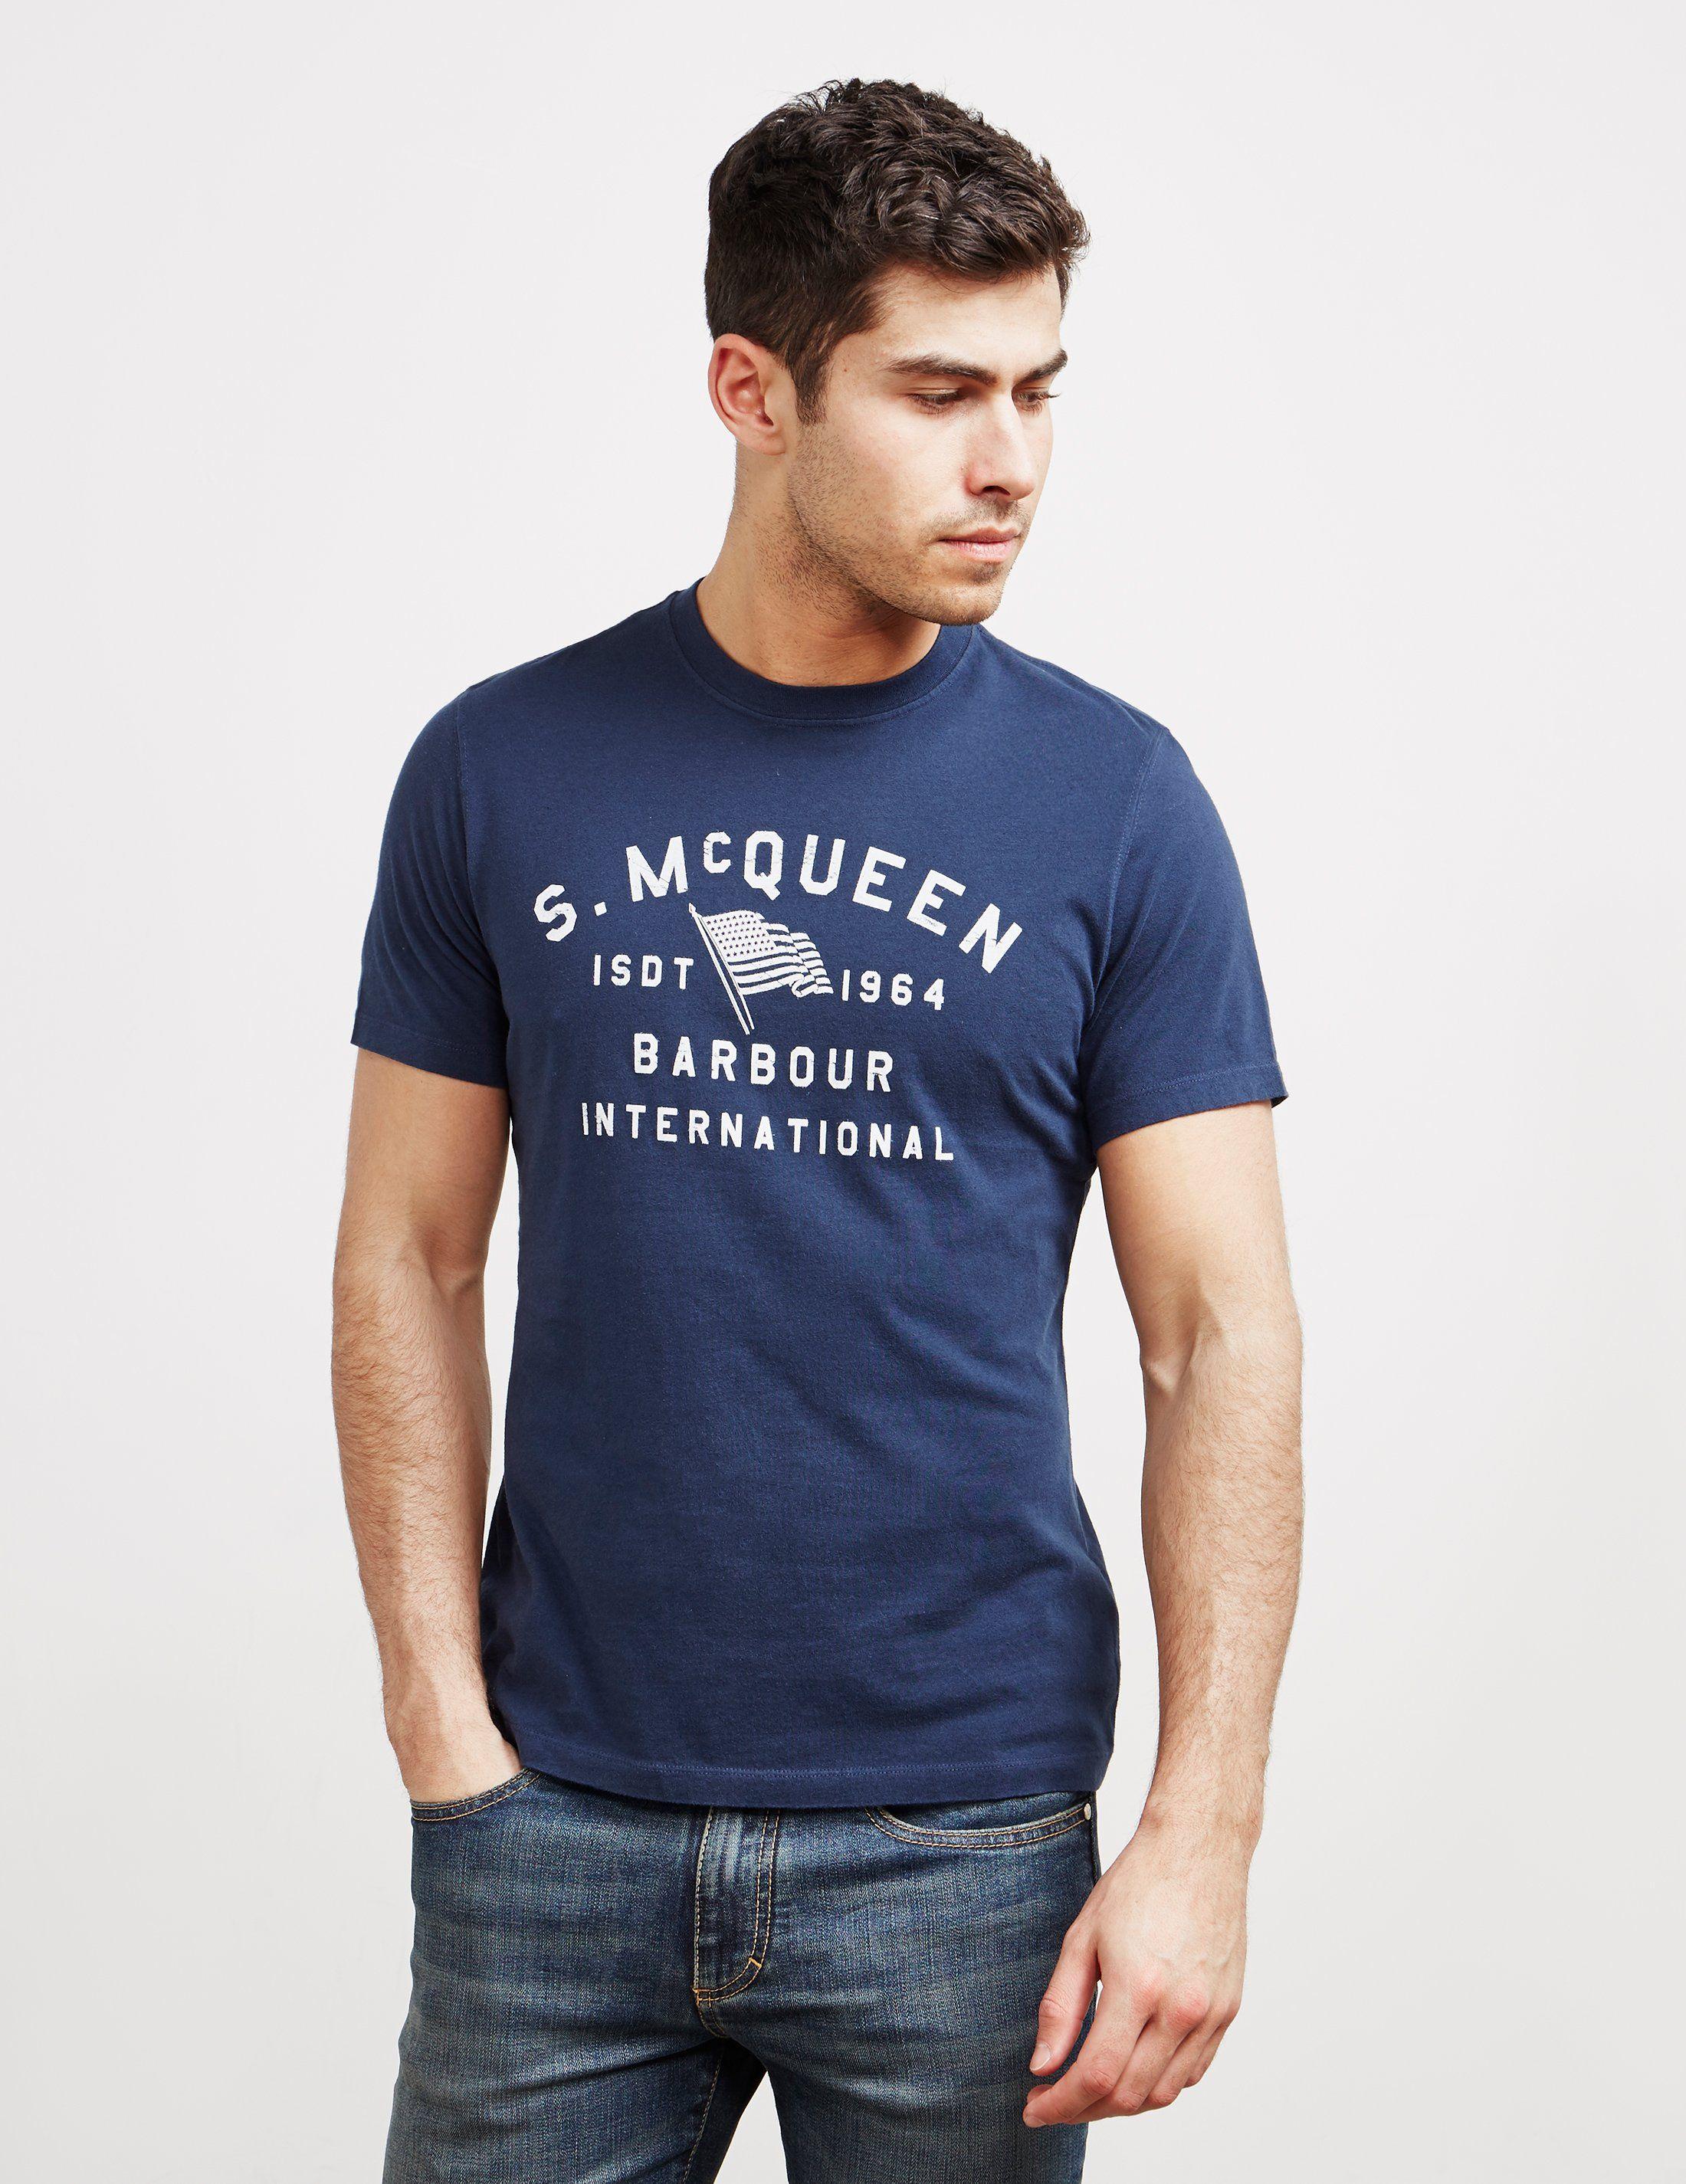 Barbour International Steve McQueen Short Sleeve T-Shirt